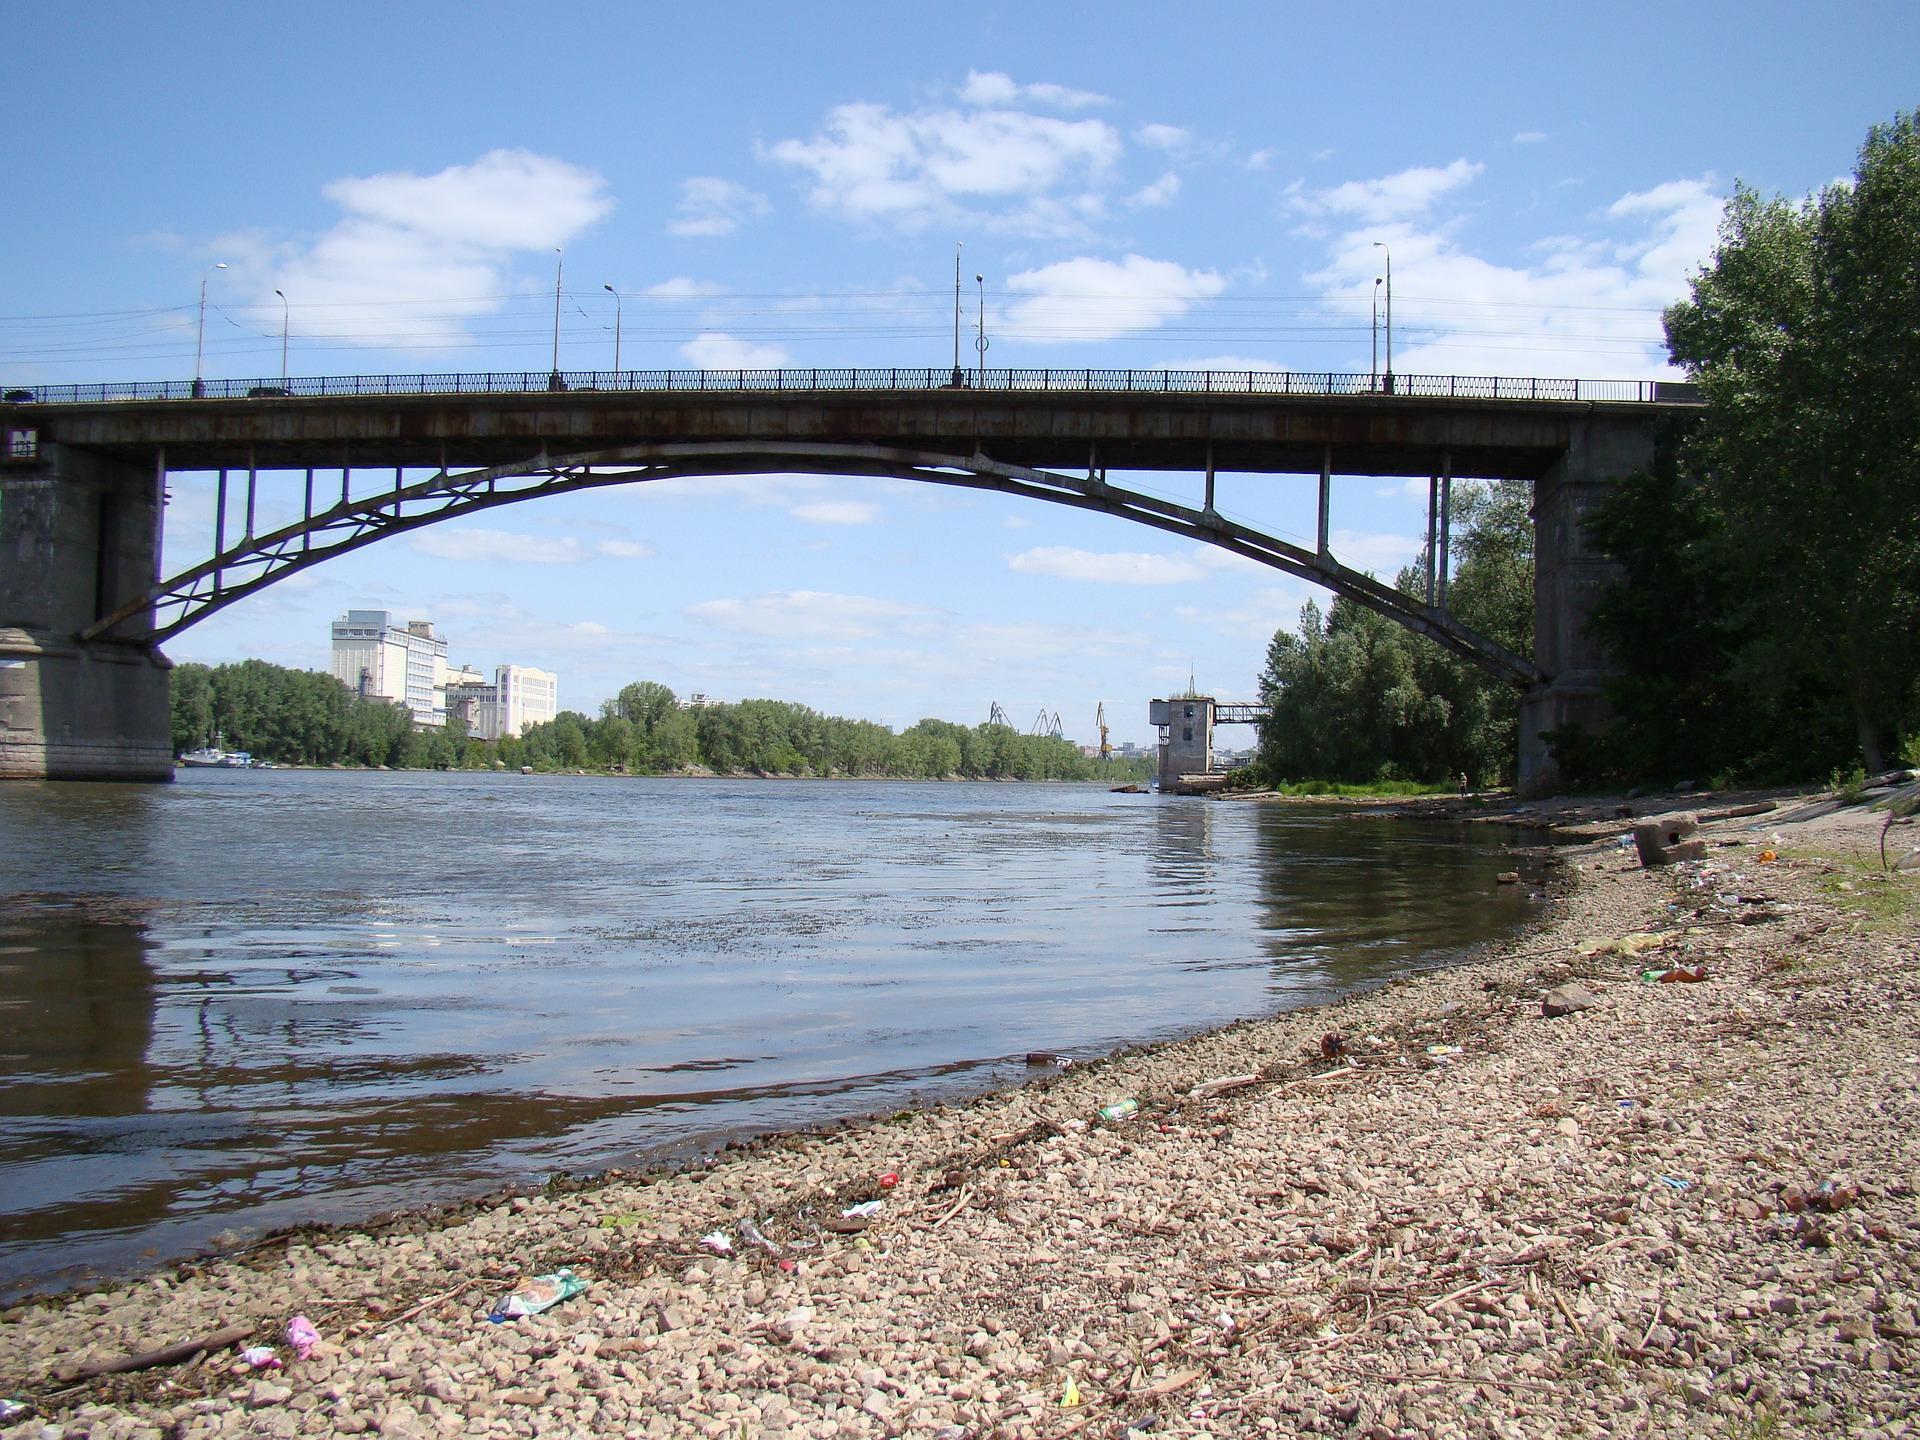 Под Самарой внедорожник Toyota упал в реку. Находившиеся в авто не смогли выбраться и погибли